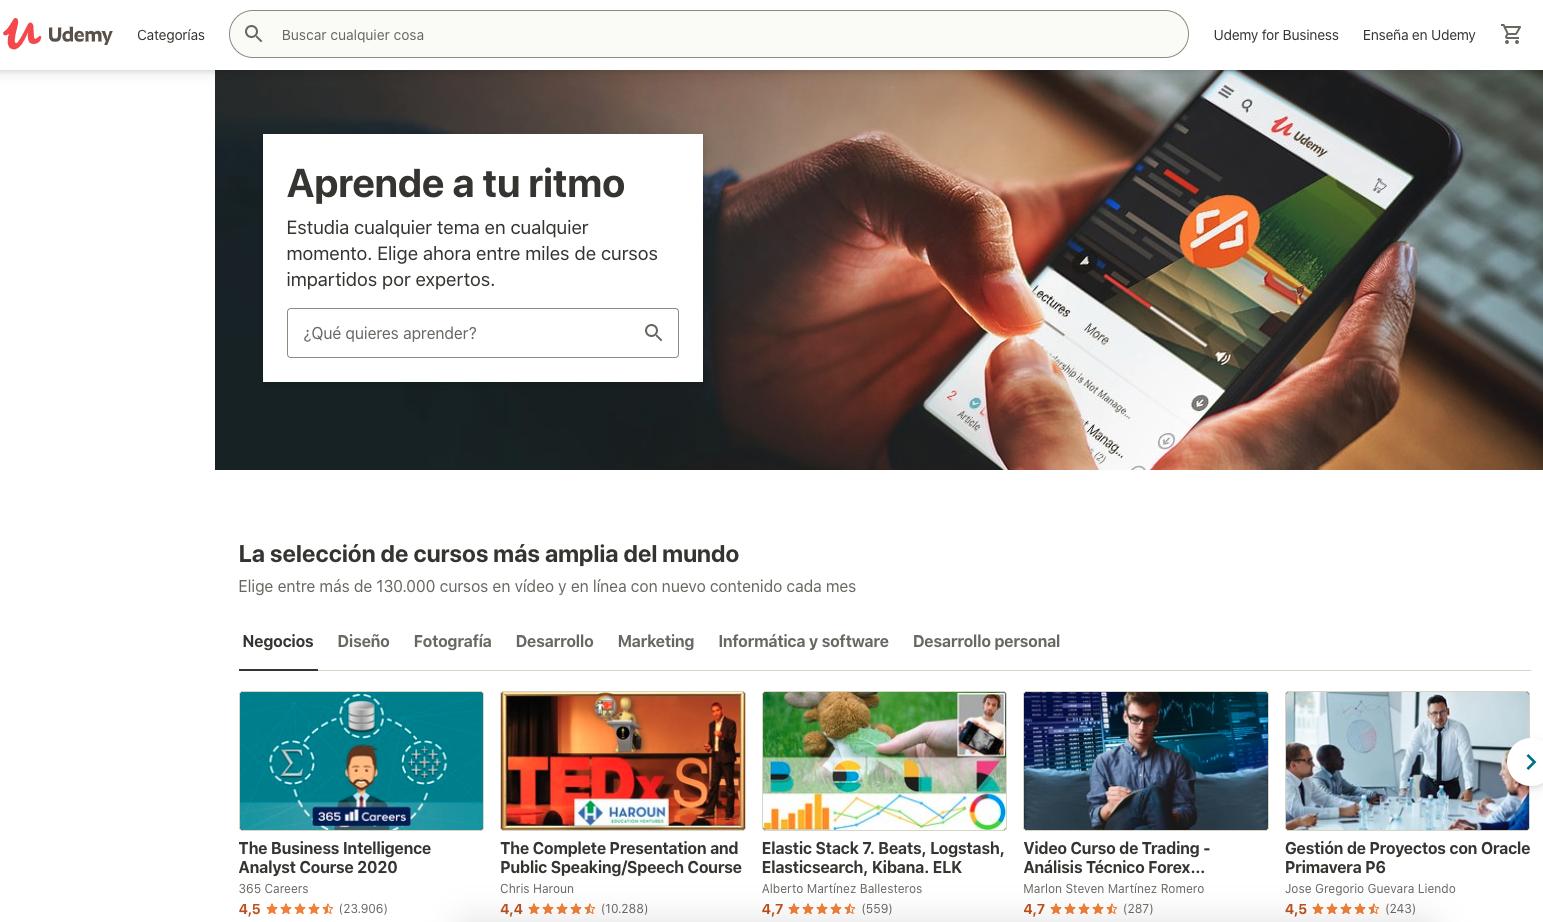 udemy es una plataforma de cursos para aprender marketing